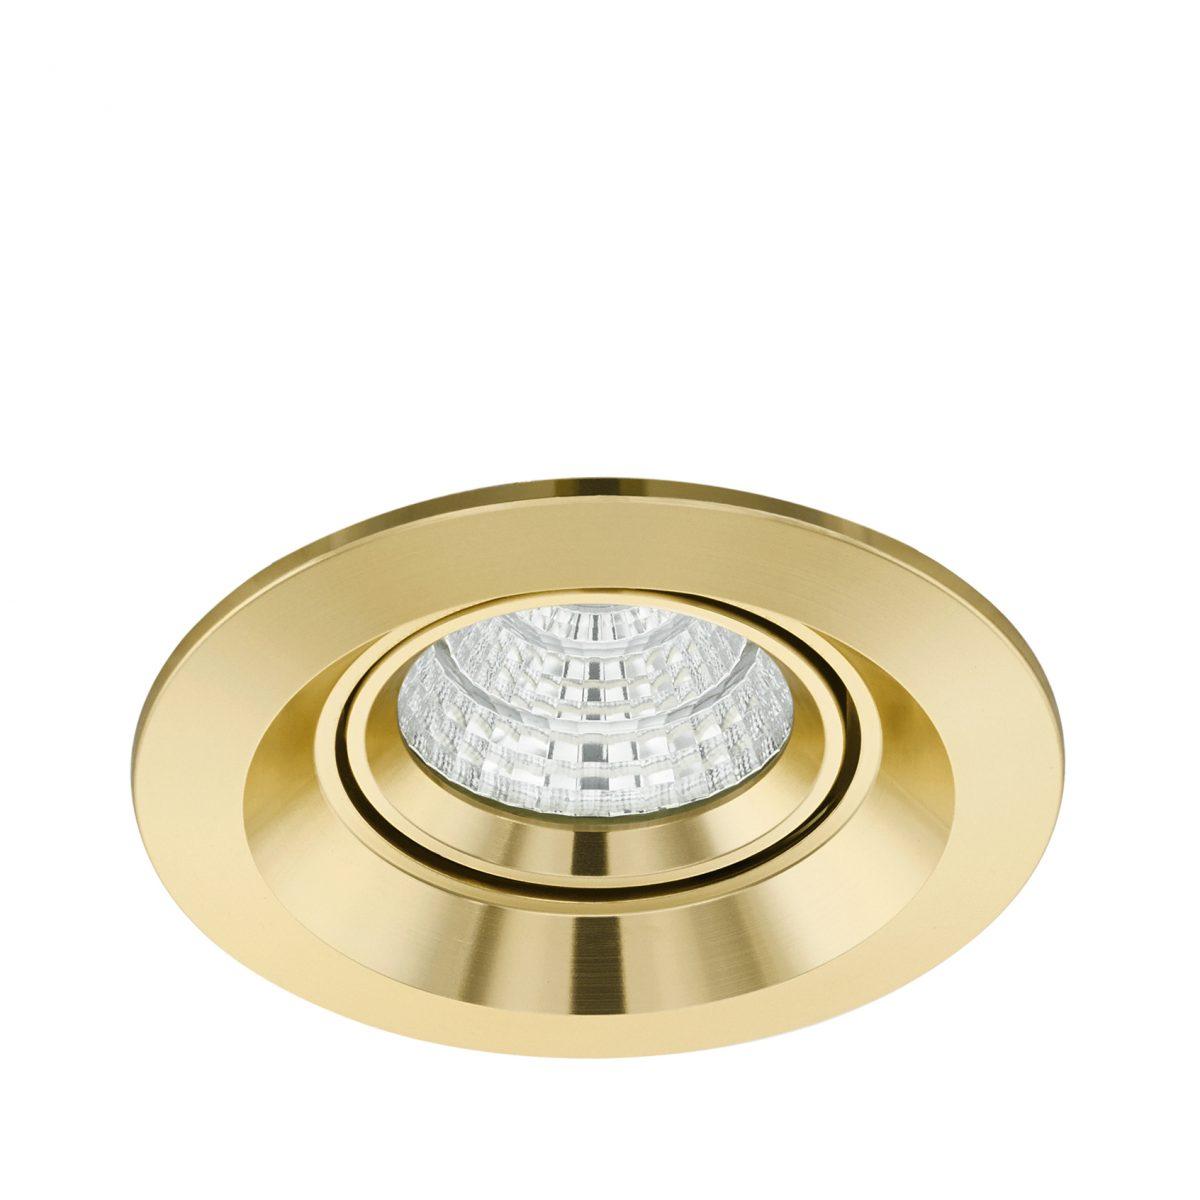 Светильник настенно-потолочный TALVERA P/PROFESSIO EGLO 61554 - Фото №28